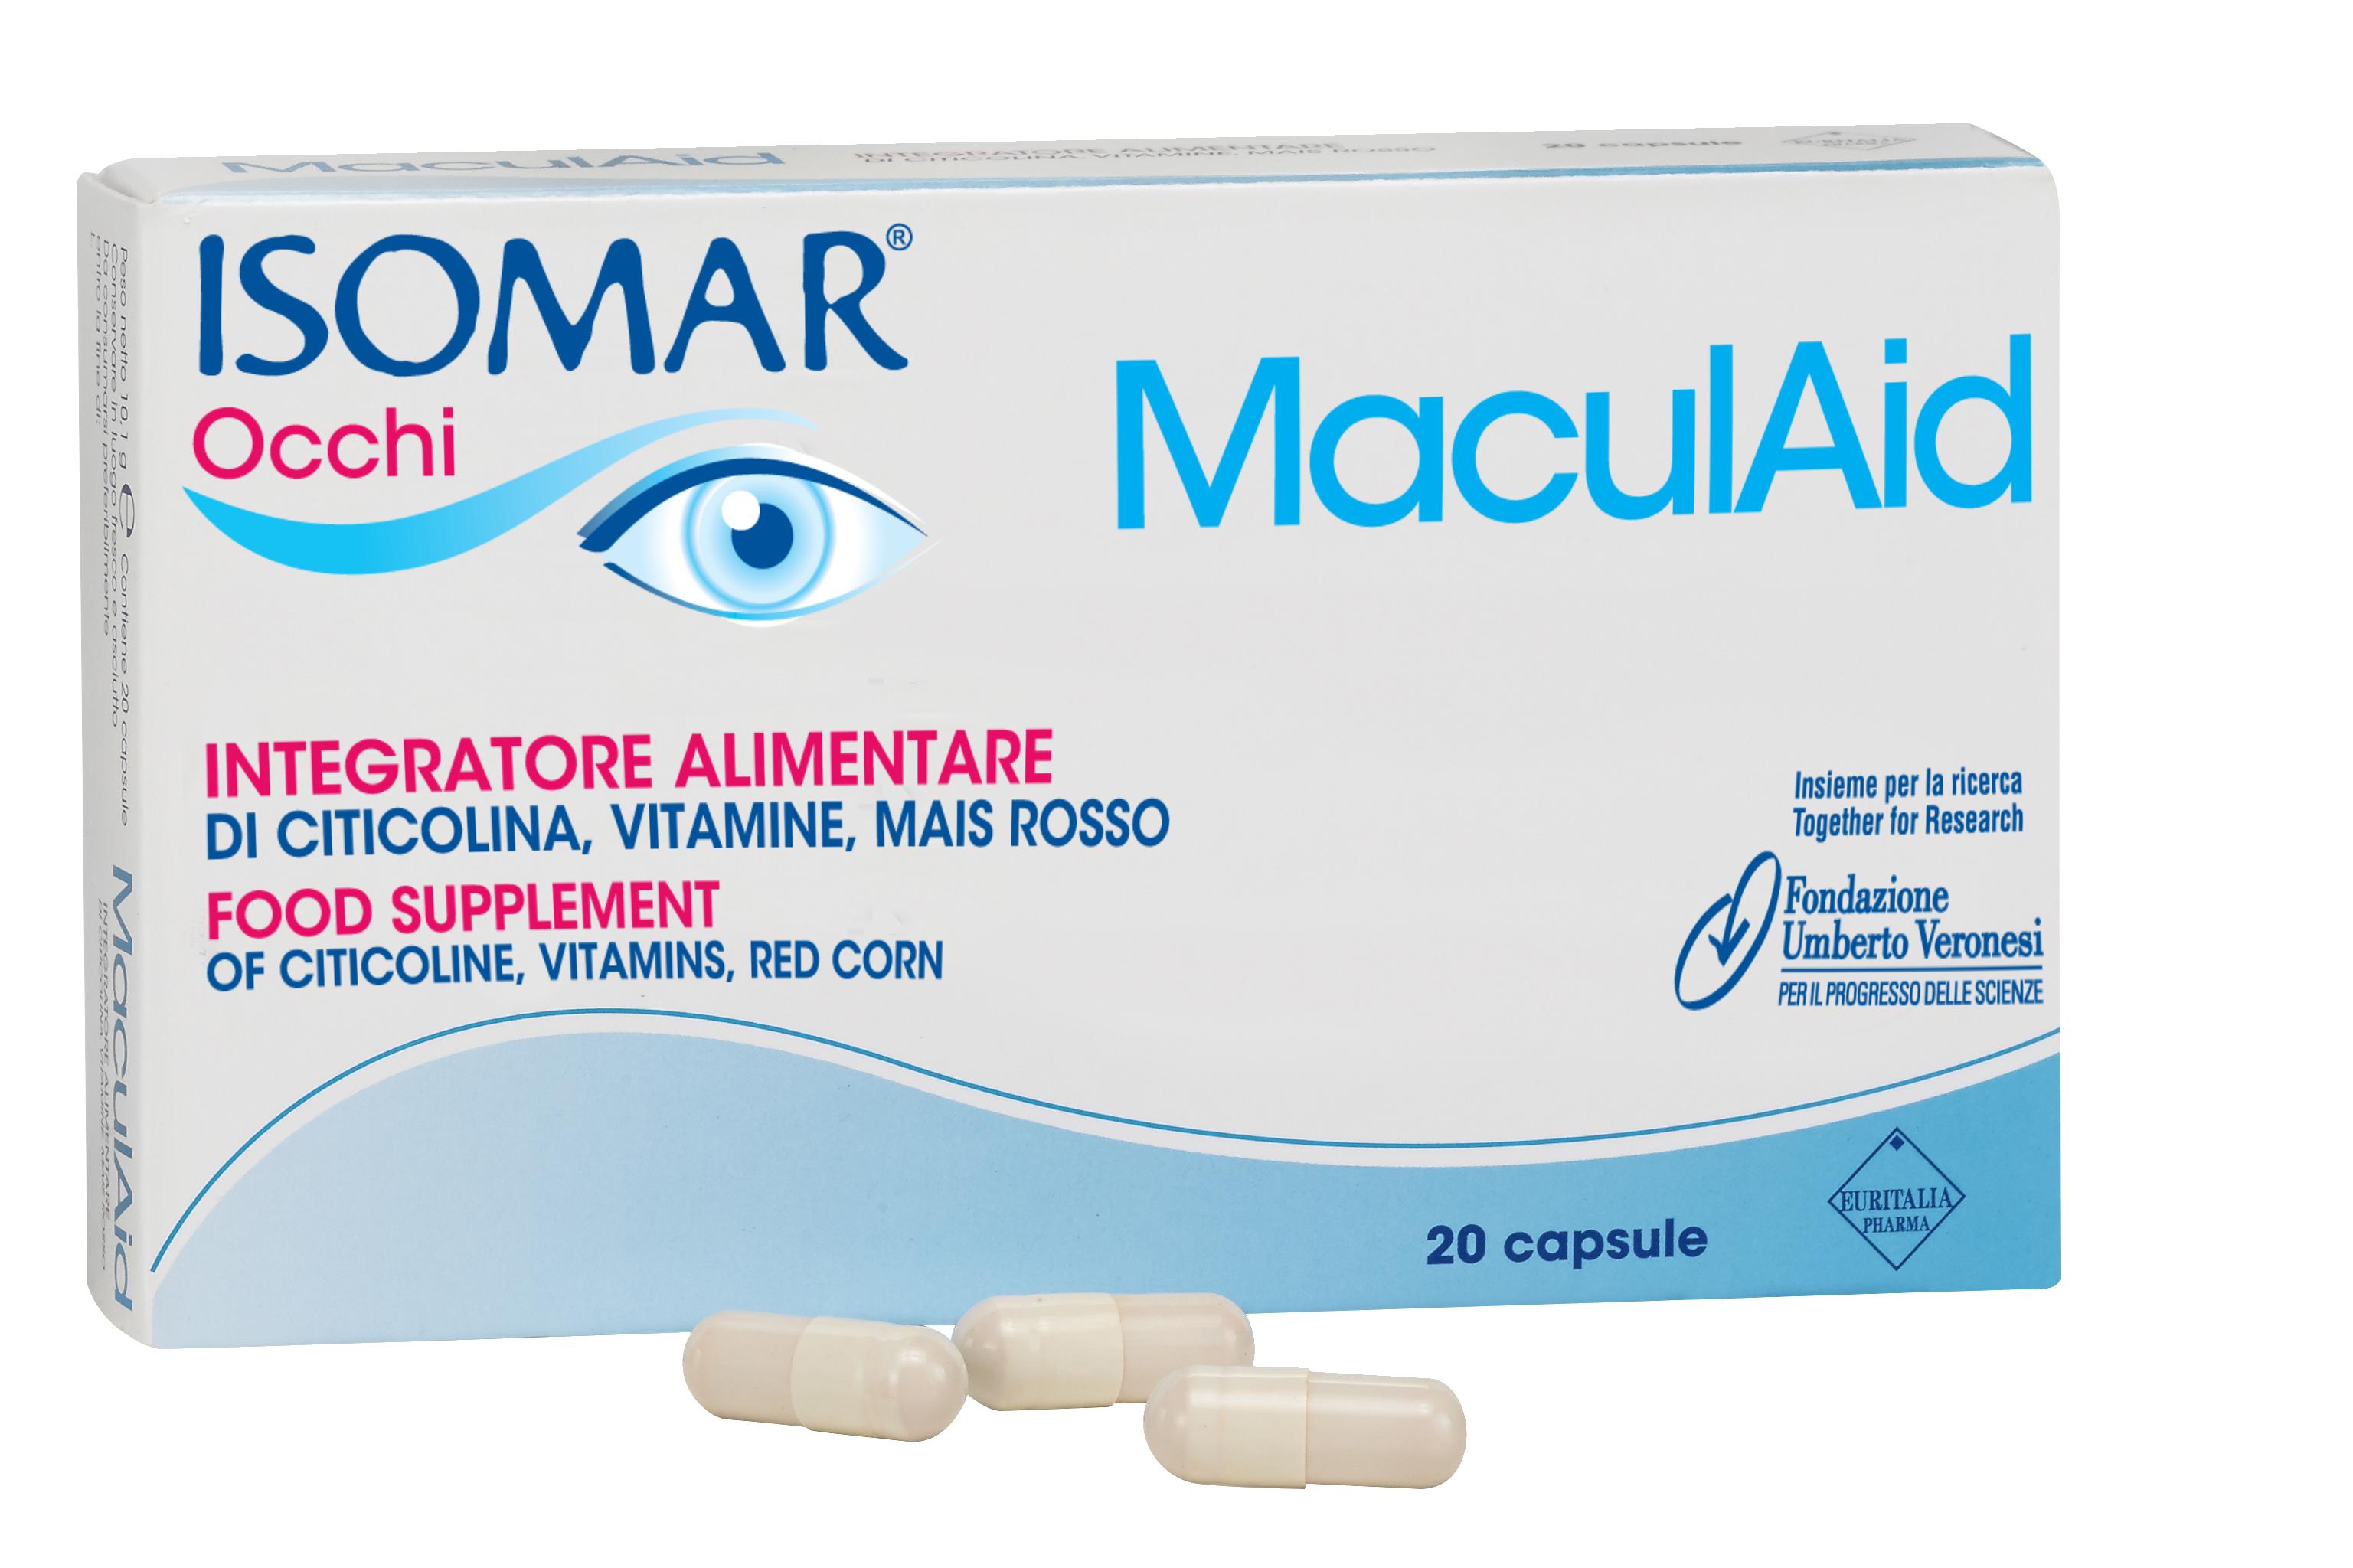 Isomar Occhi Maculaid